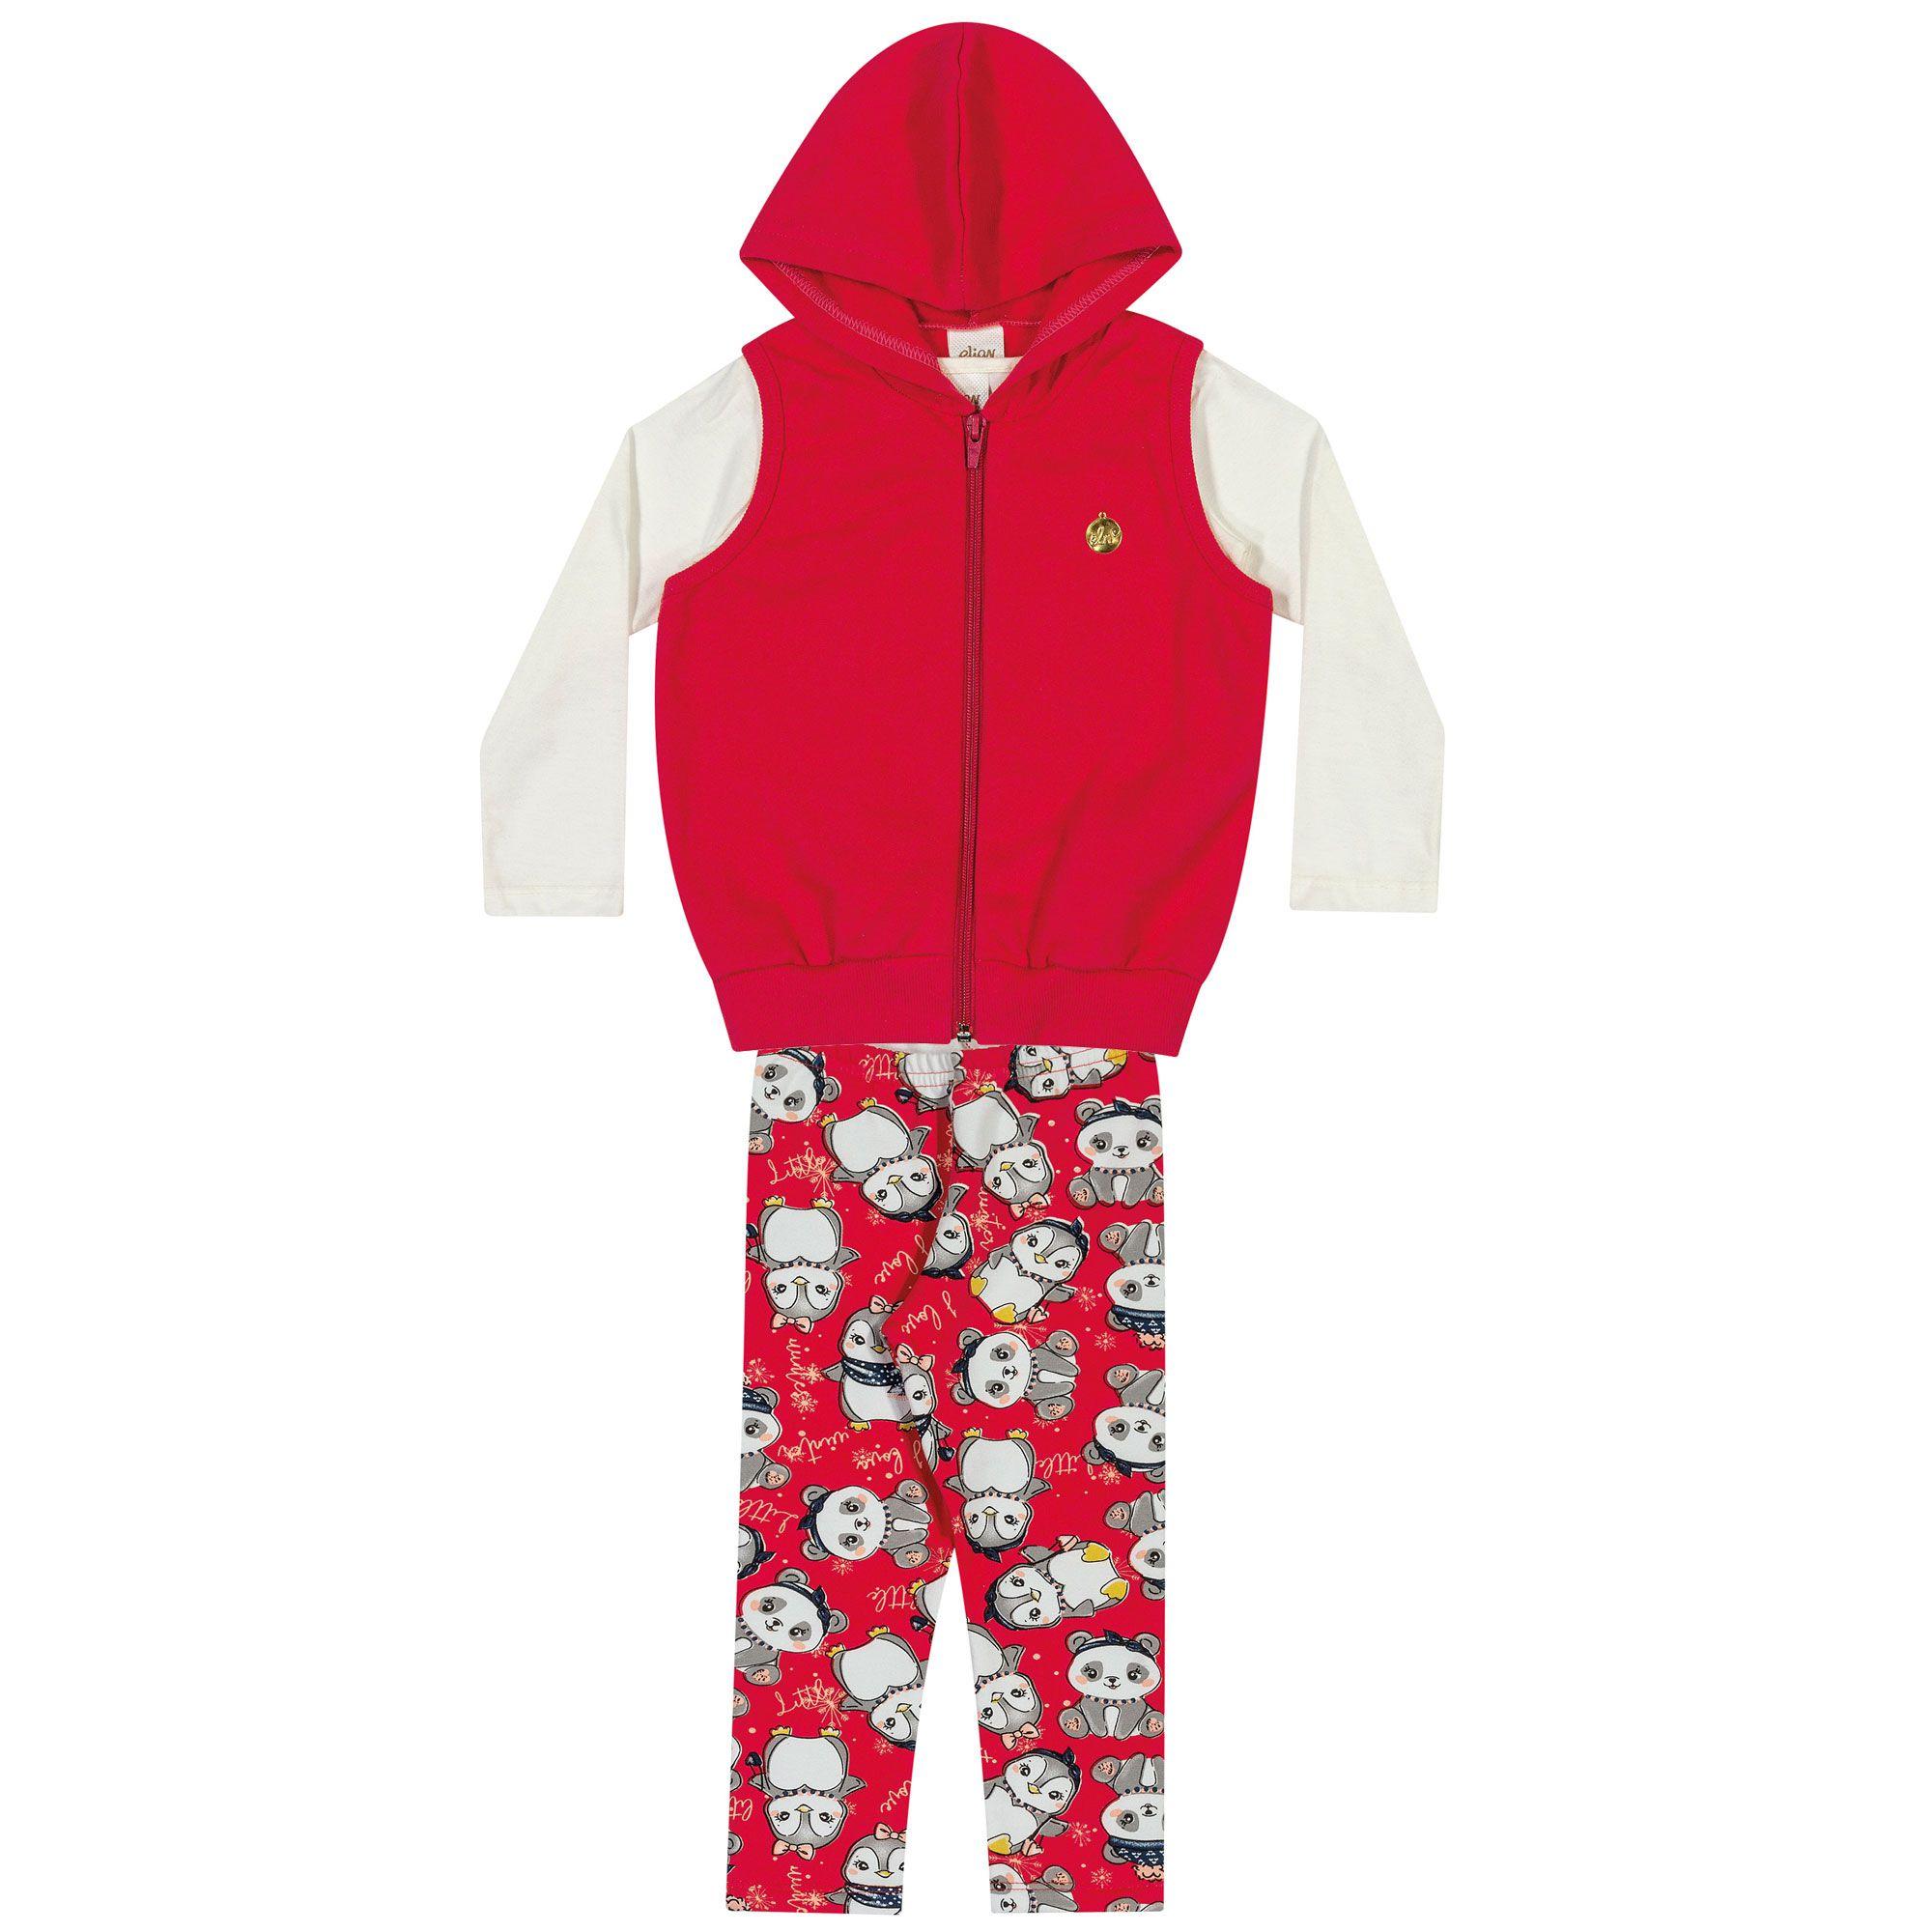 Conjunto Infantil Elian 3 peças - Ref 231193 - Vermelho